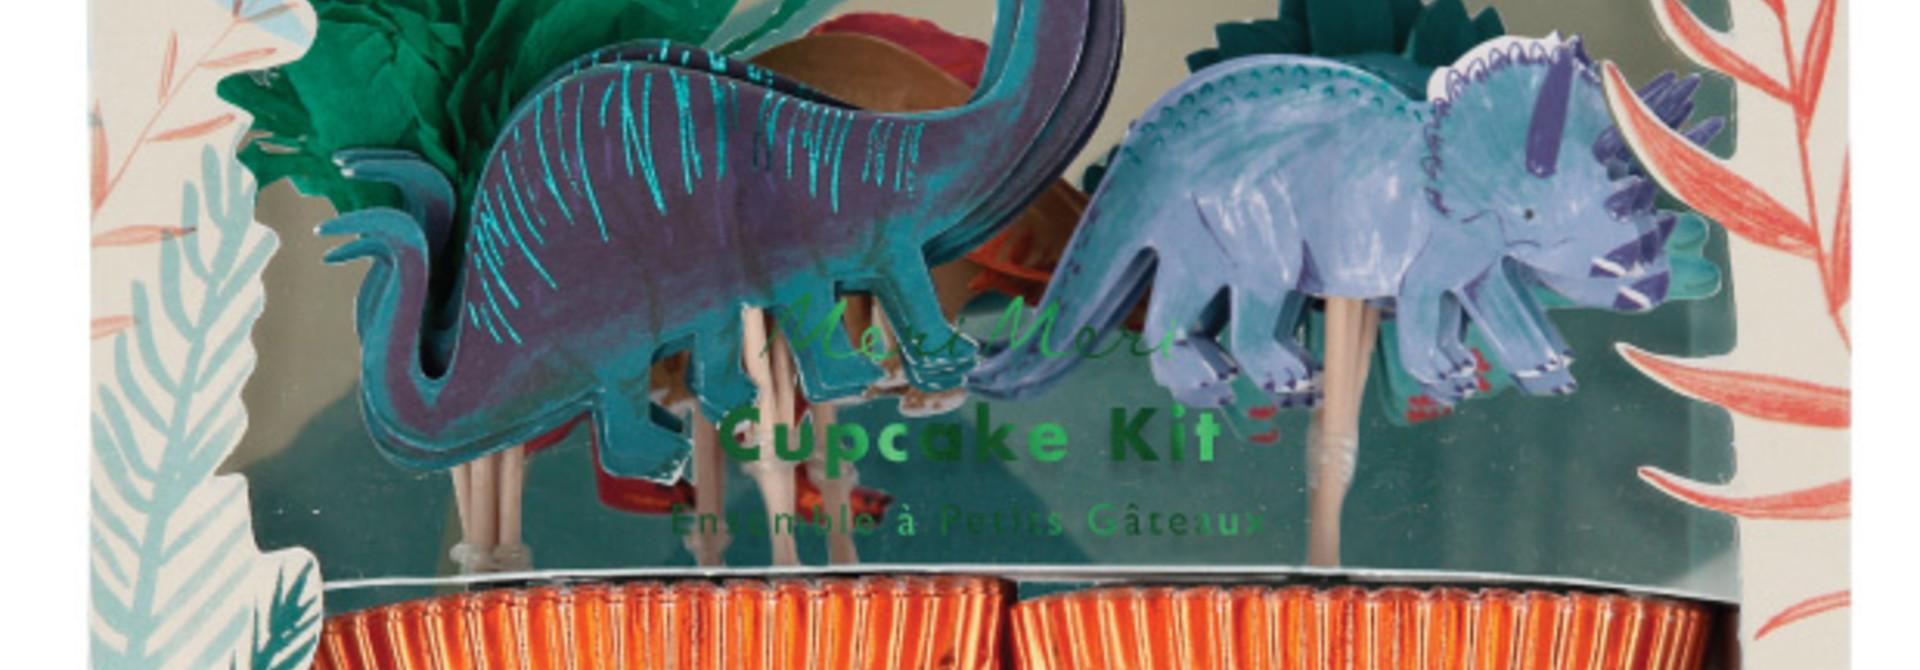 Cupcake kit Dinosaur Kingdom (48st) Meri Meri